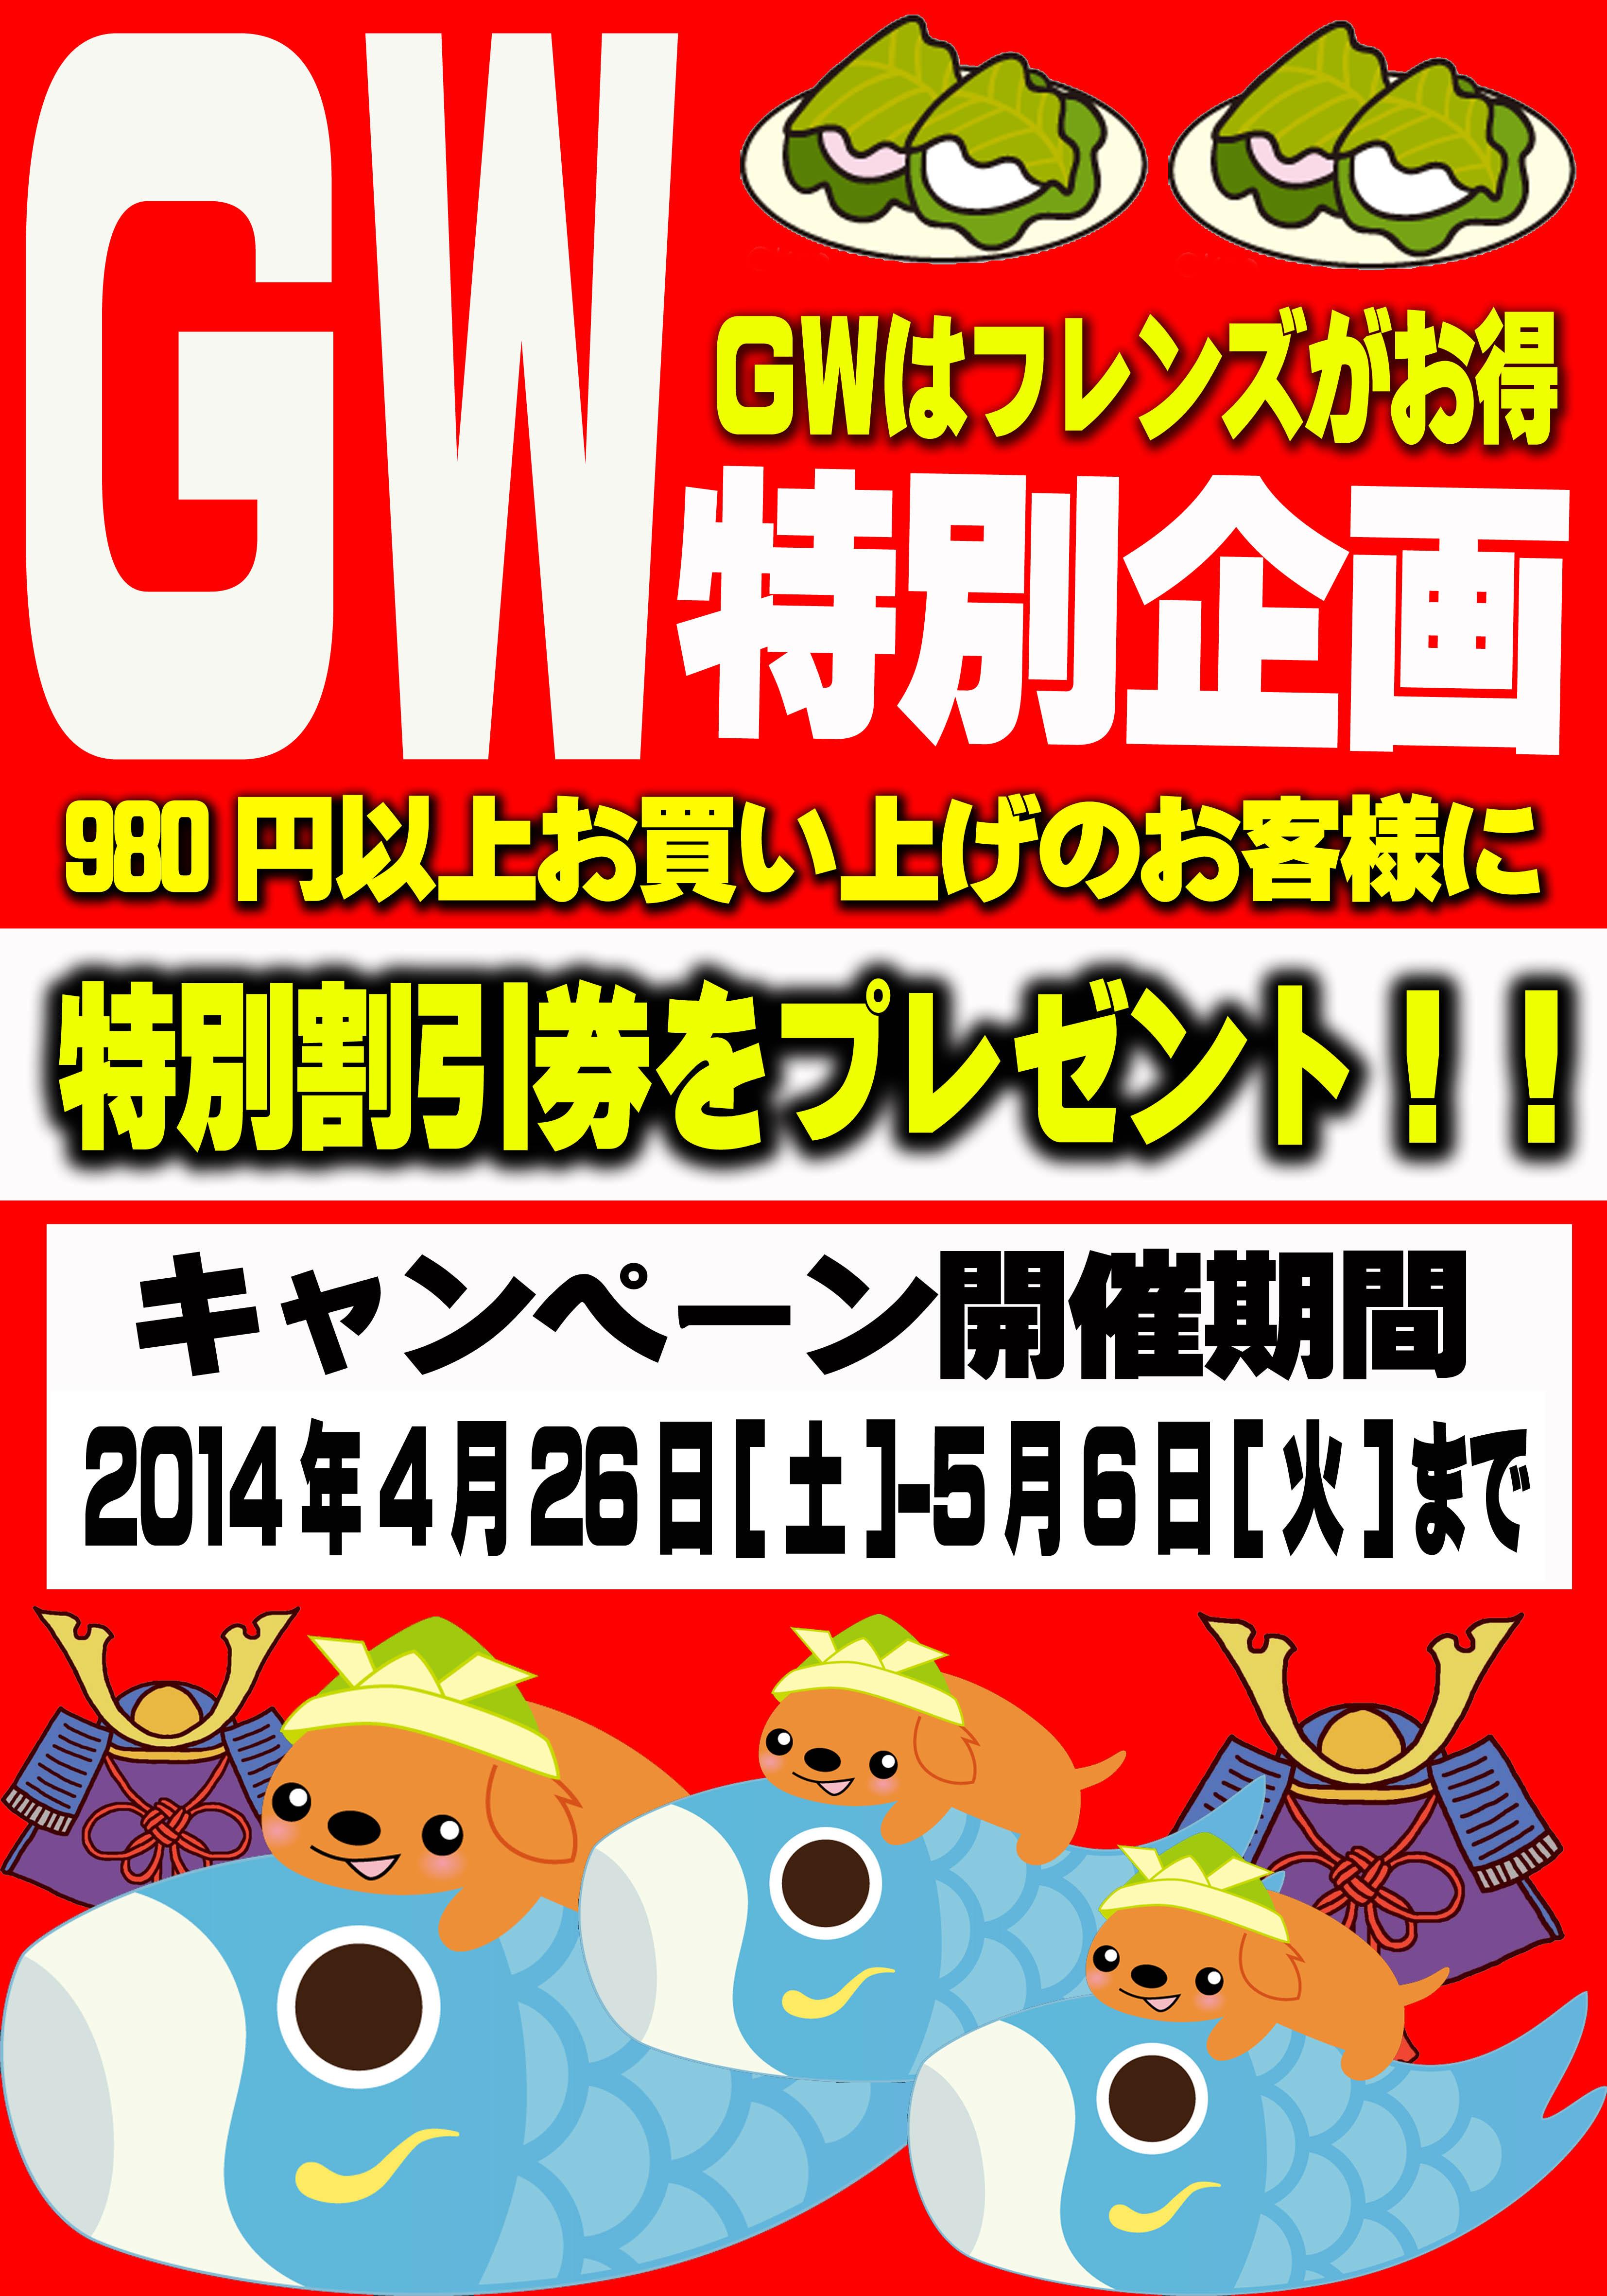 GWsale2014版のコピー